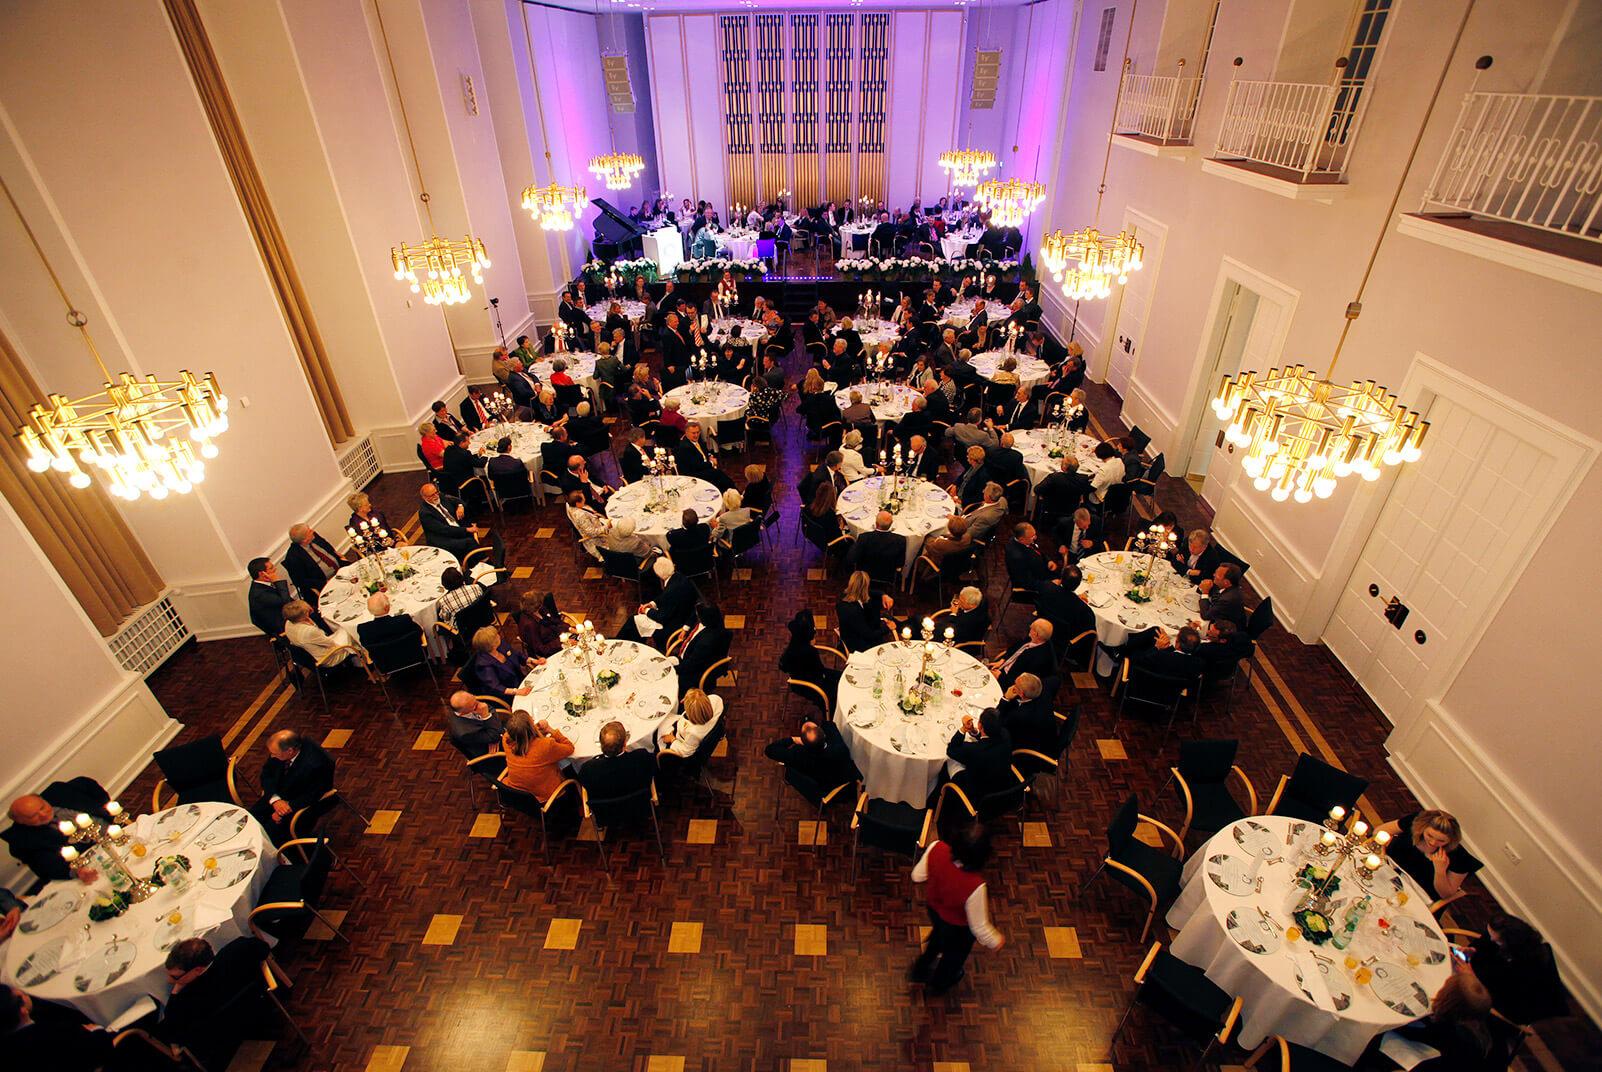 Festsaal mit vielen runden Tischen und Menschen